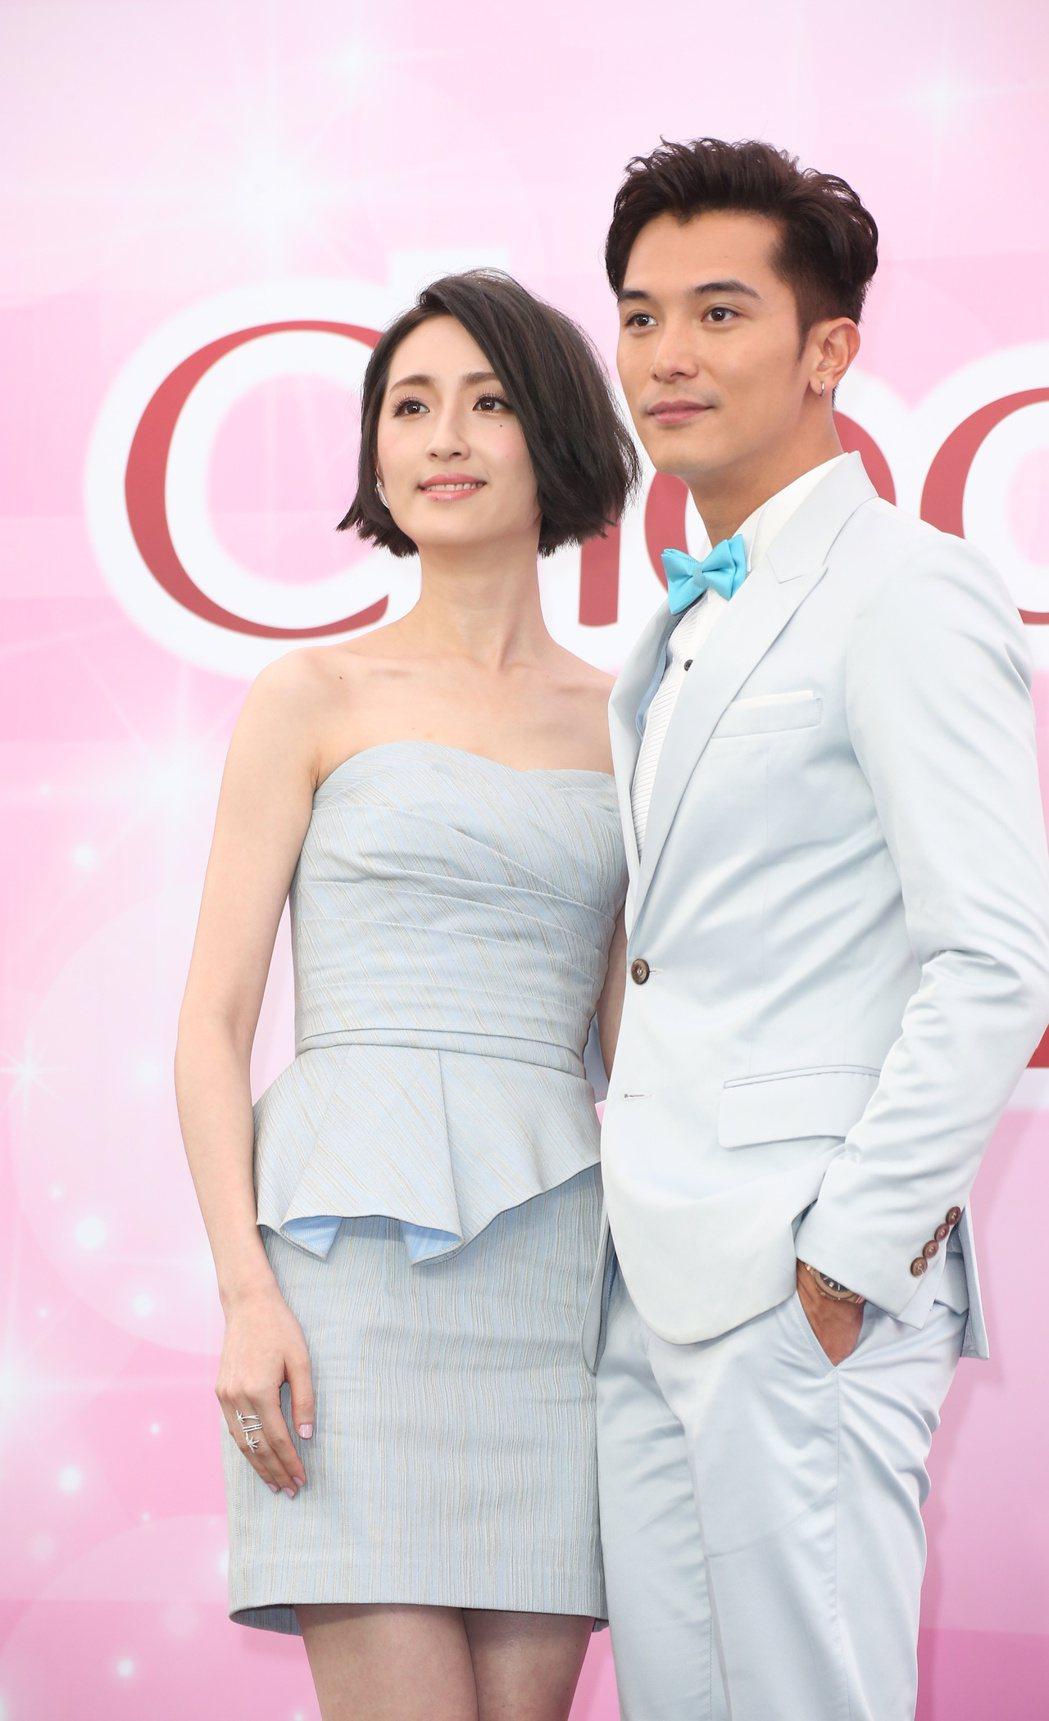 邱澤(右)與柯佳嬿(左)出席Chocola BB活動。記者陳立凱/攝影